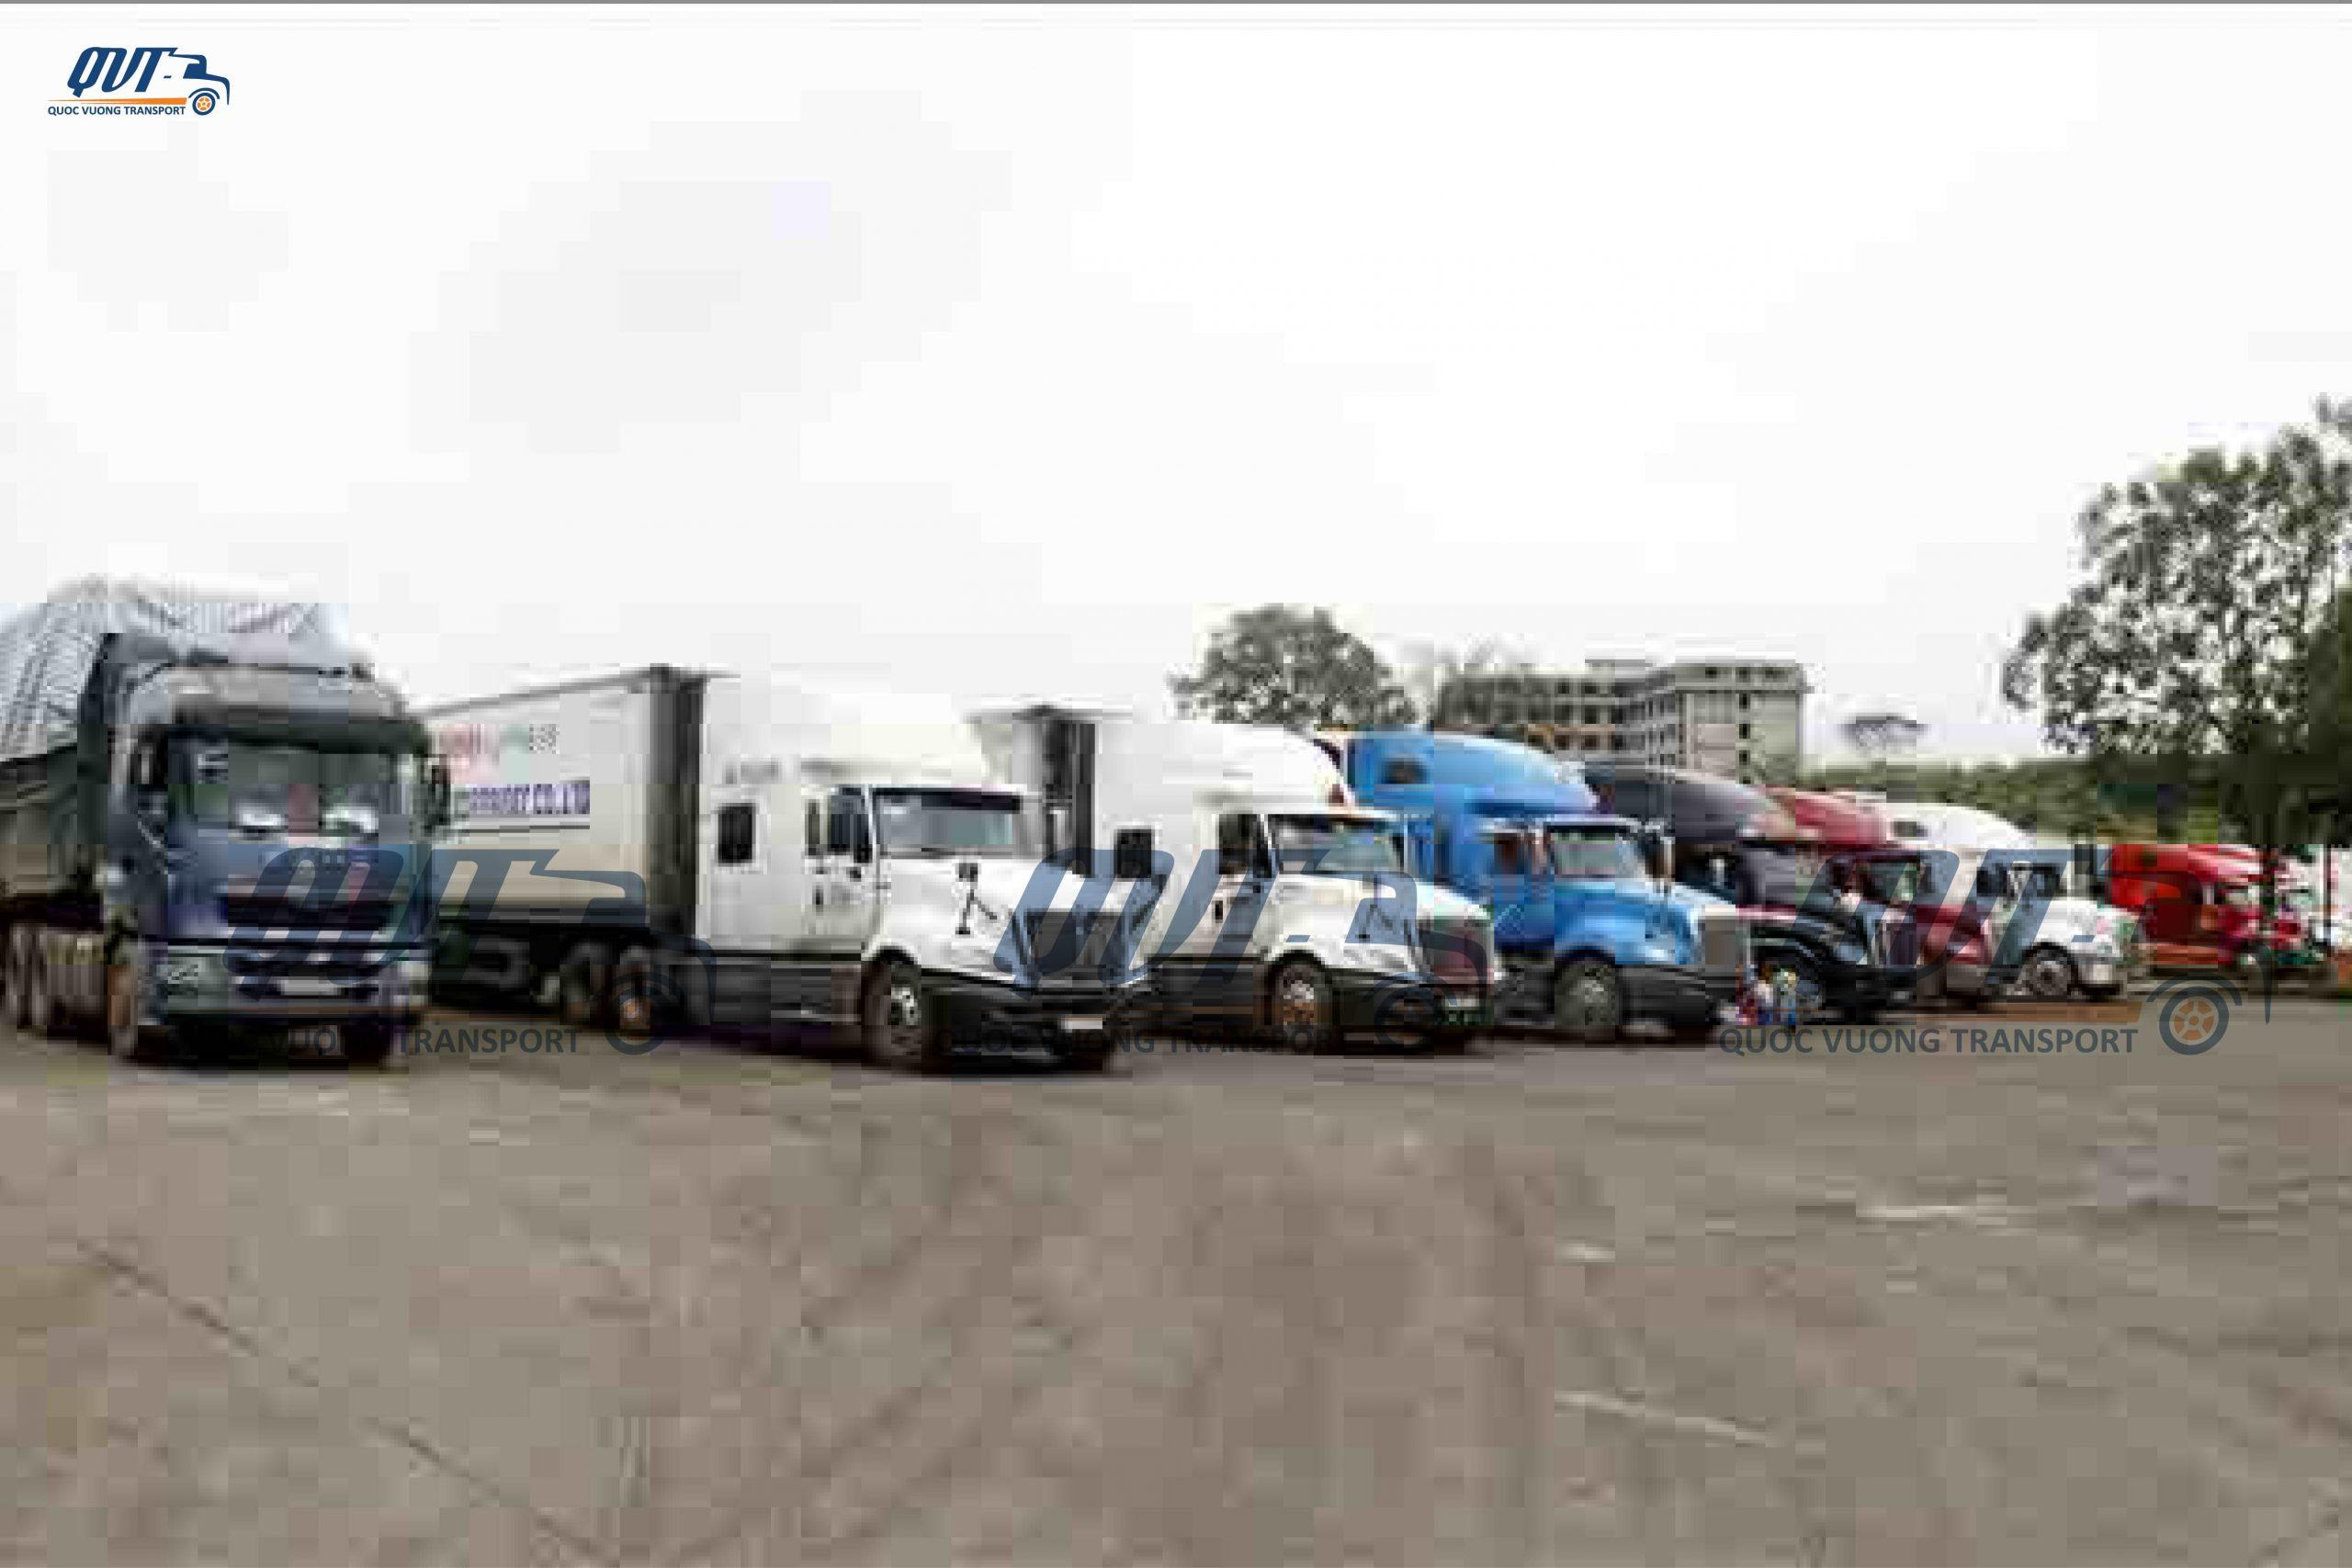 vận chuyển hàng quá tải quá khổ kinh nghiệm cao tại vận tải toàn quốc